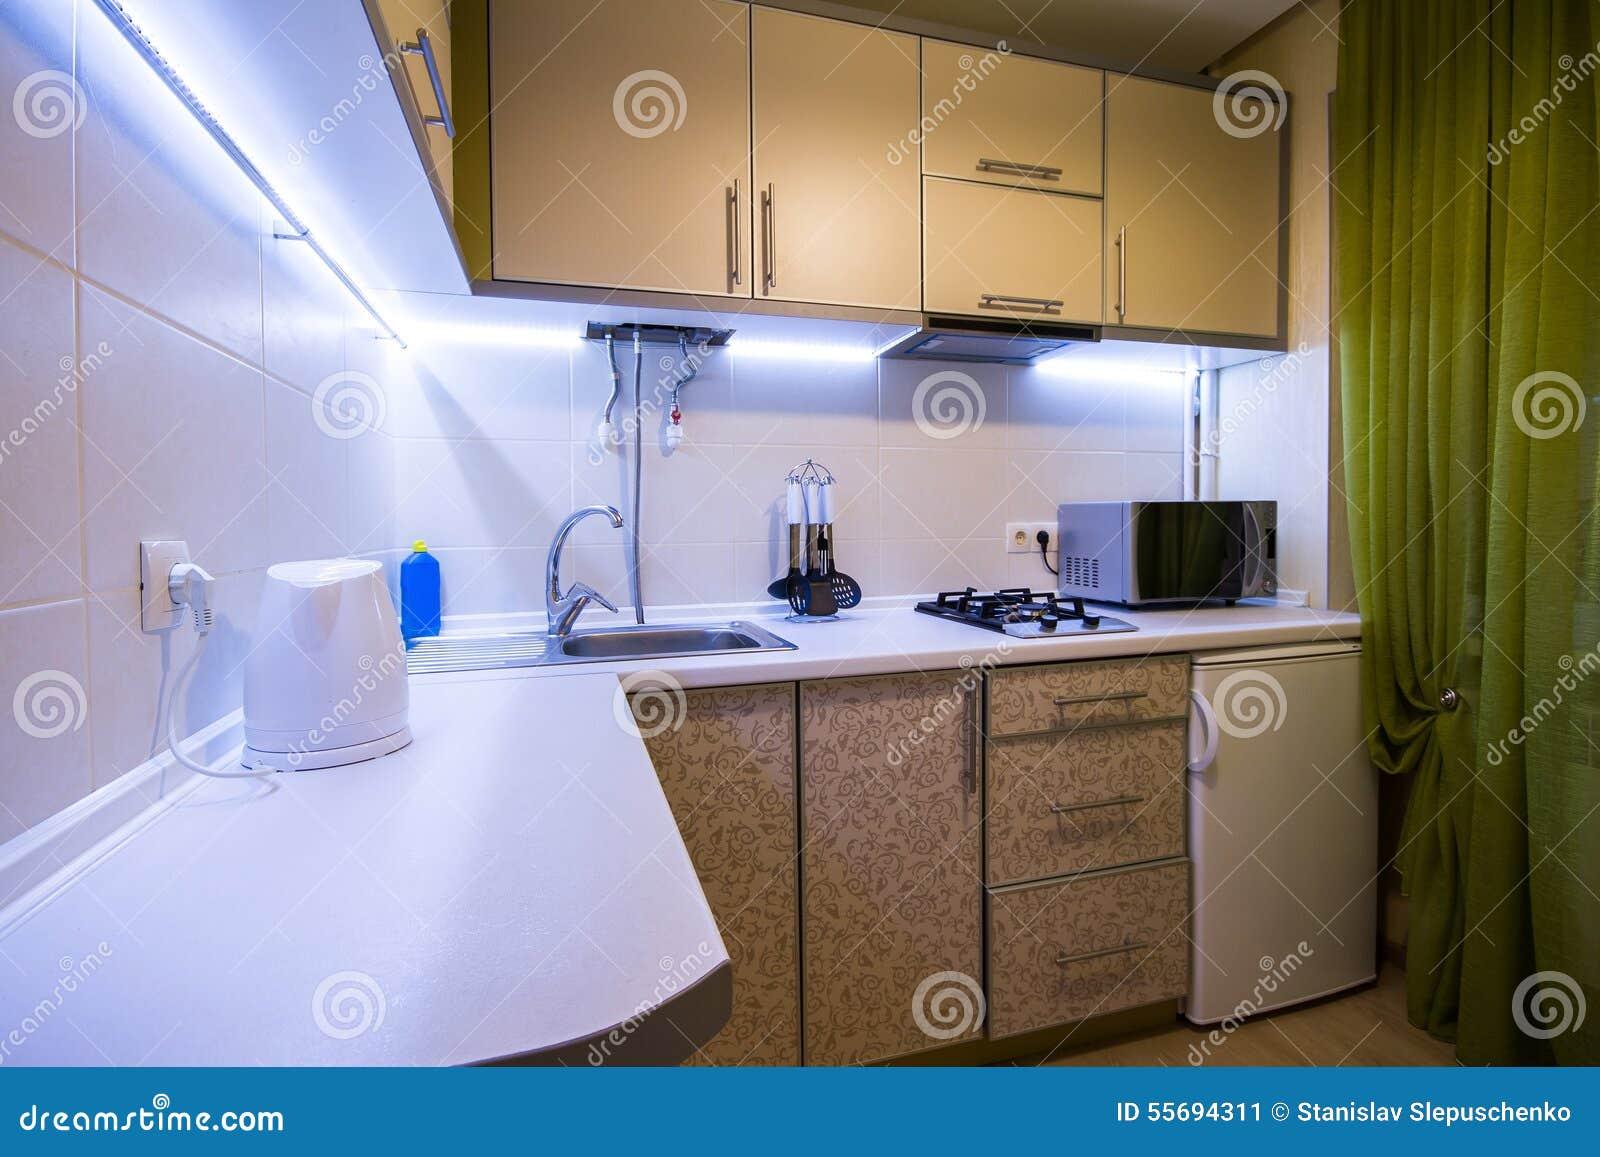 rideaux de cuisine moderne elegant rideaux en lin blanc with rideaux de cuisine moderne cheap. Black Bedroom Furniture Sets. Home Design Ideas